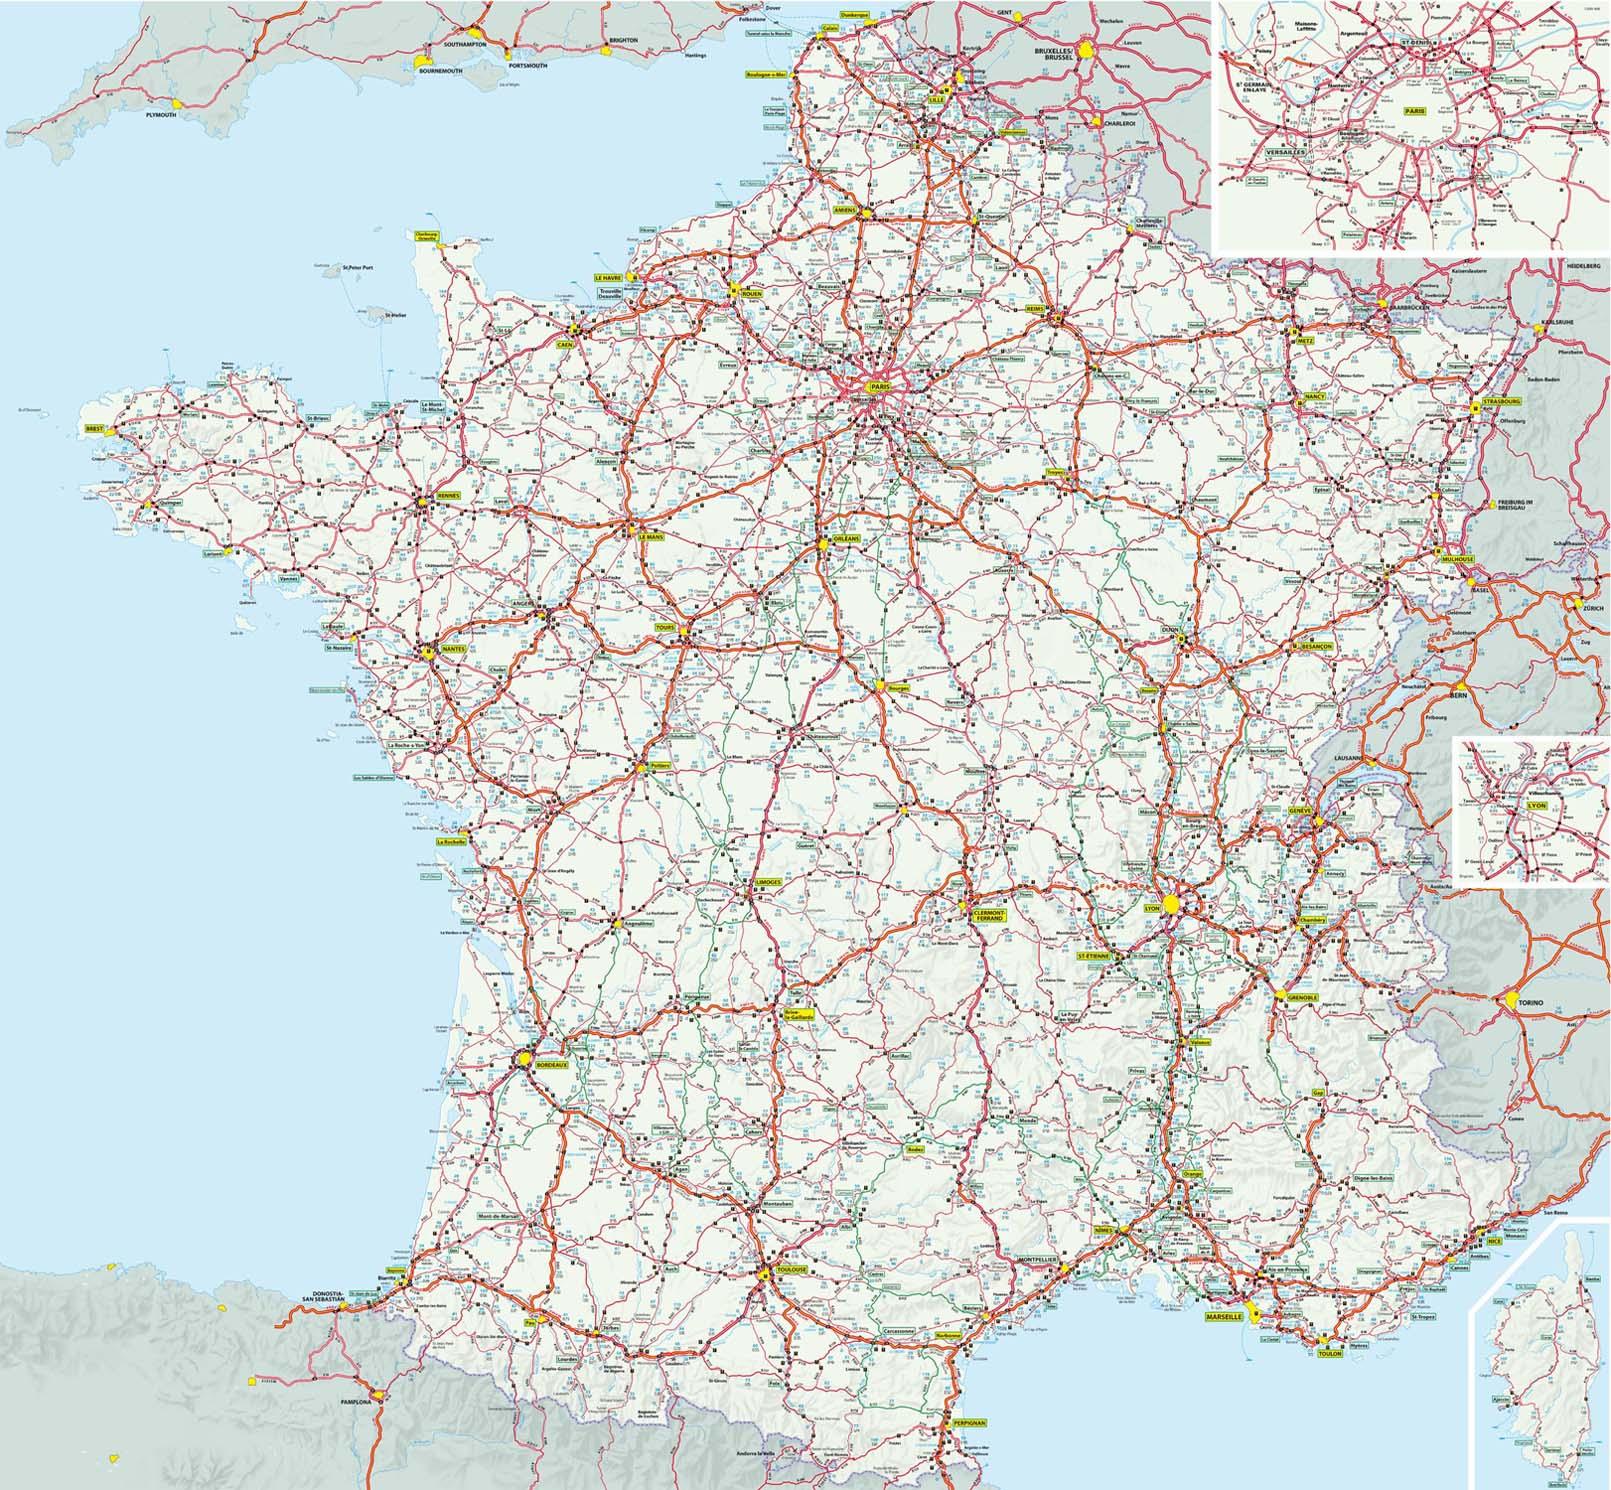 Cartes Géographiques - Tous Les Fournisseurs - Carte De à Carte Du Sud Est De La France Détaillée